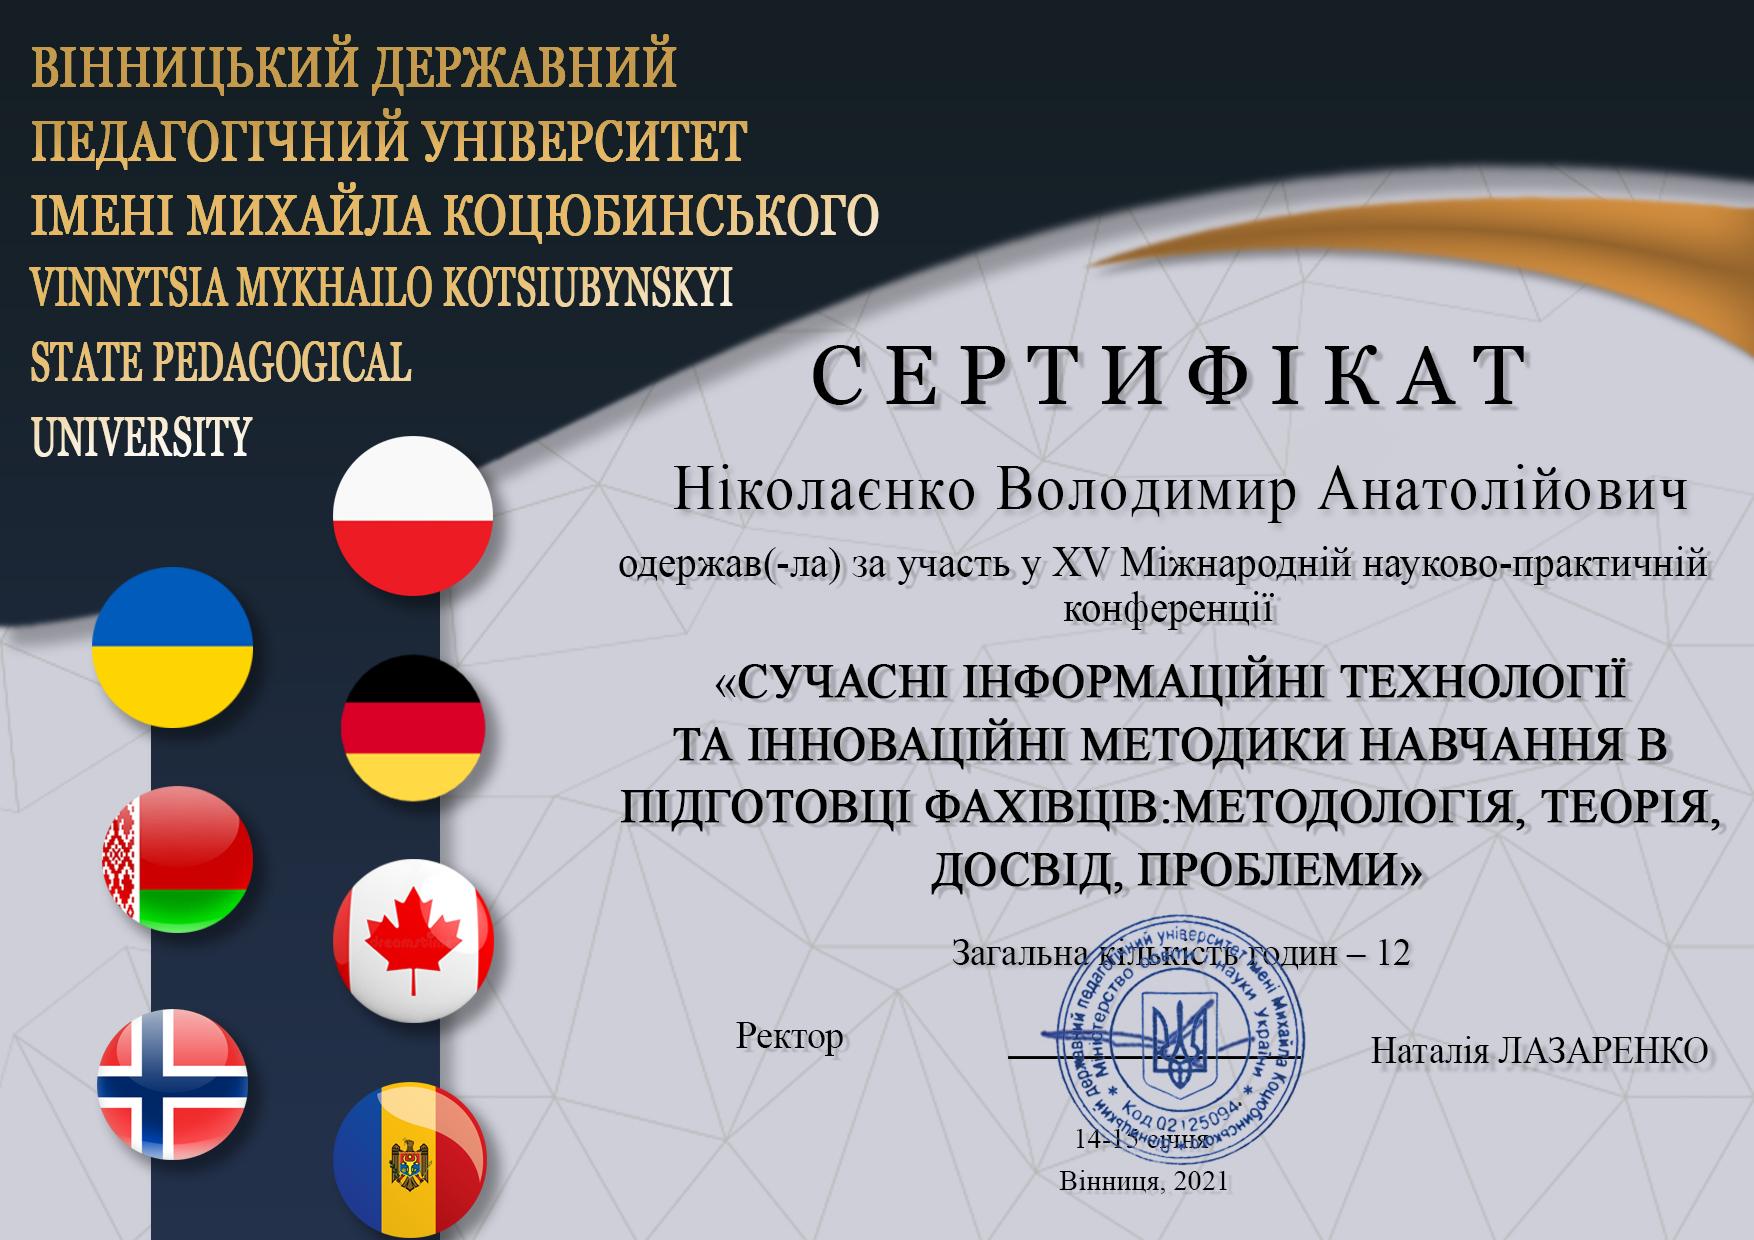 Ніколаєнко Володимир Анатолійович